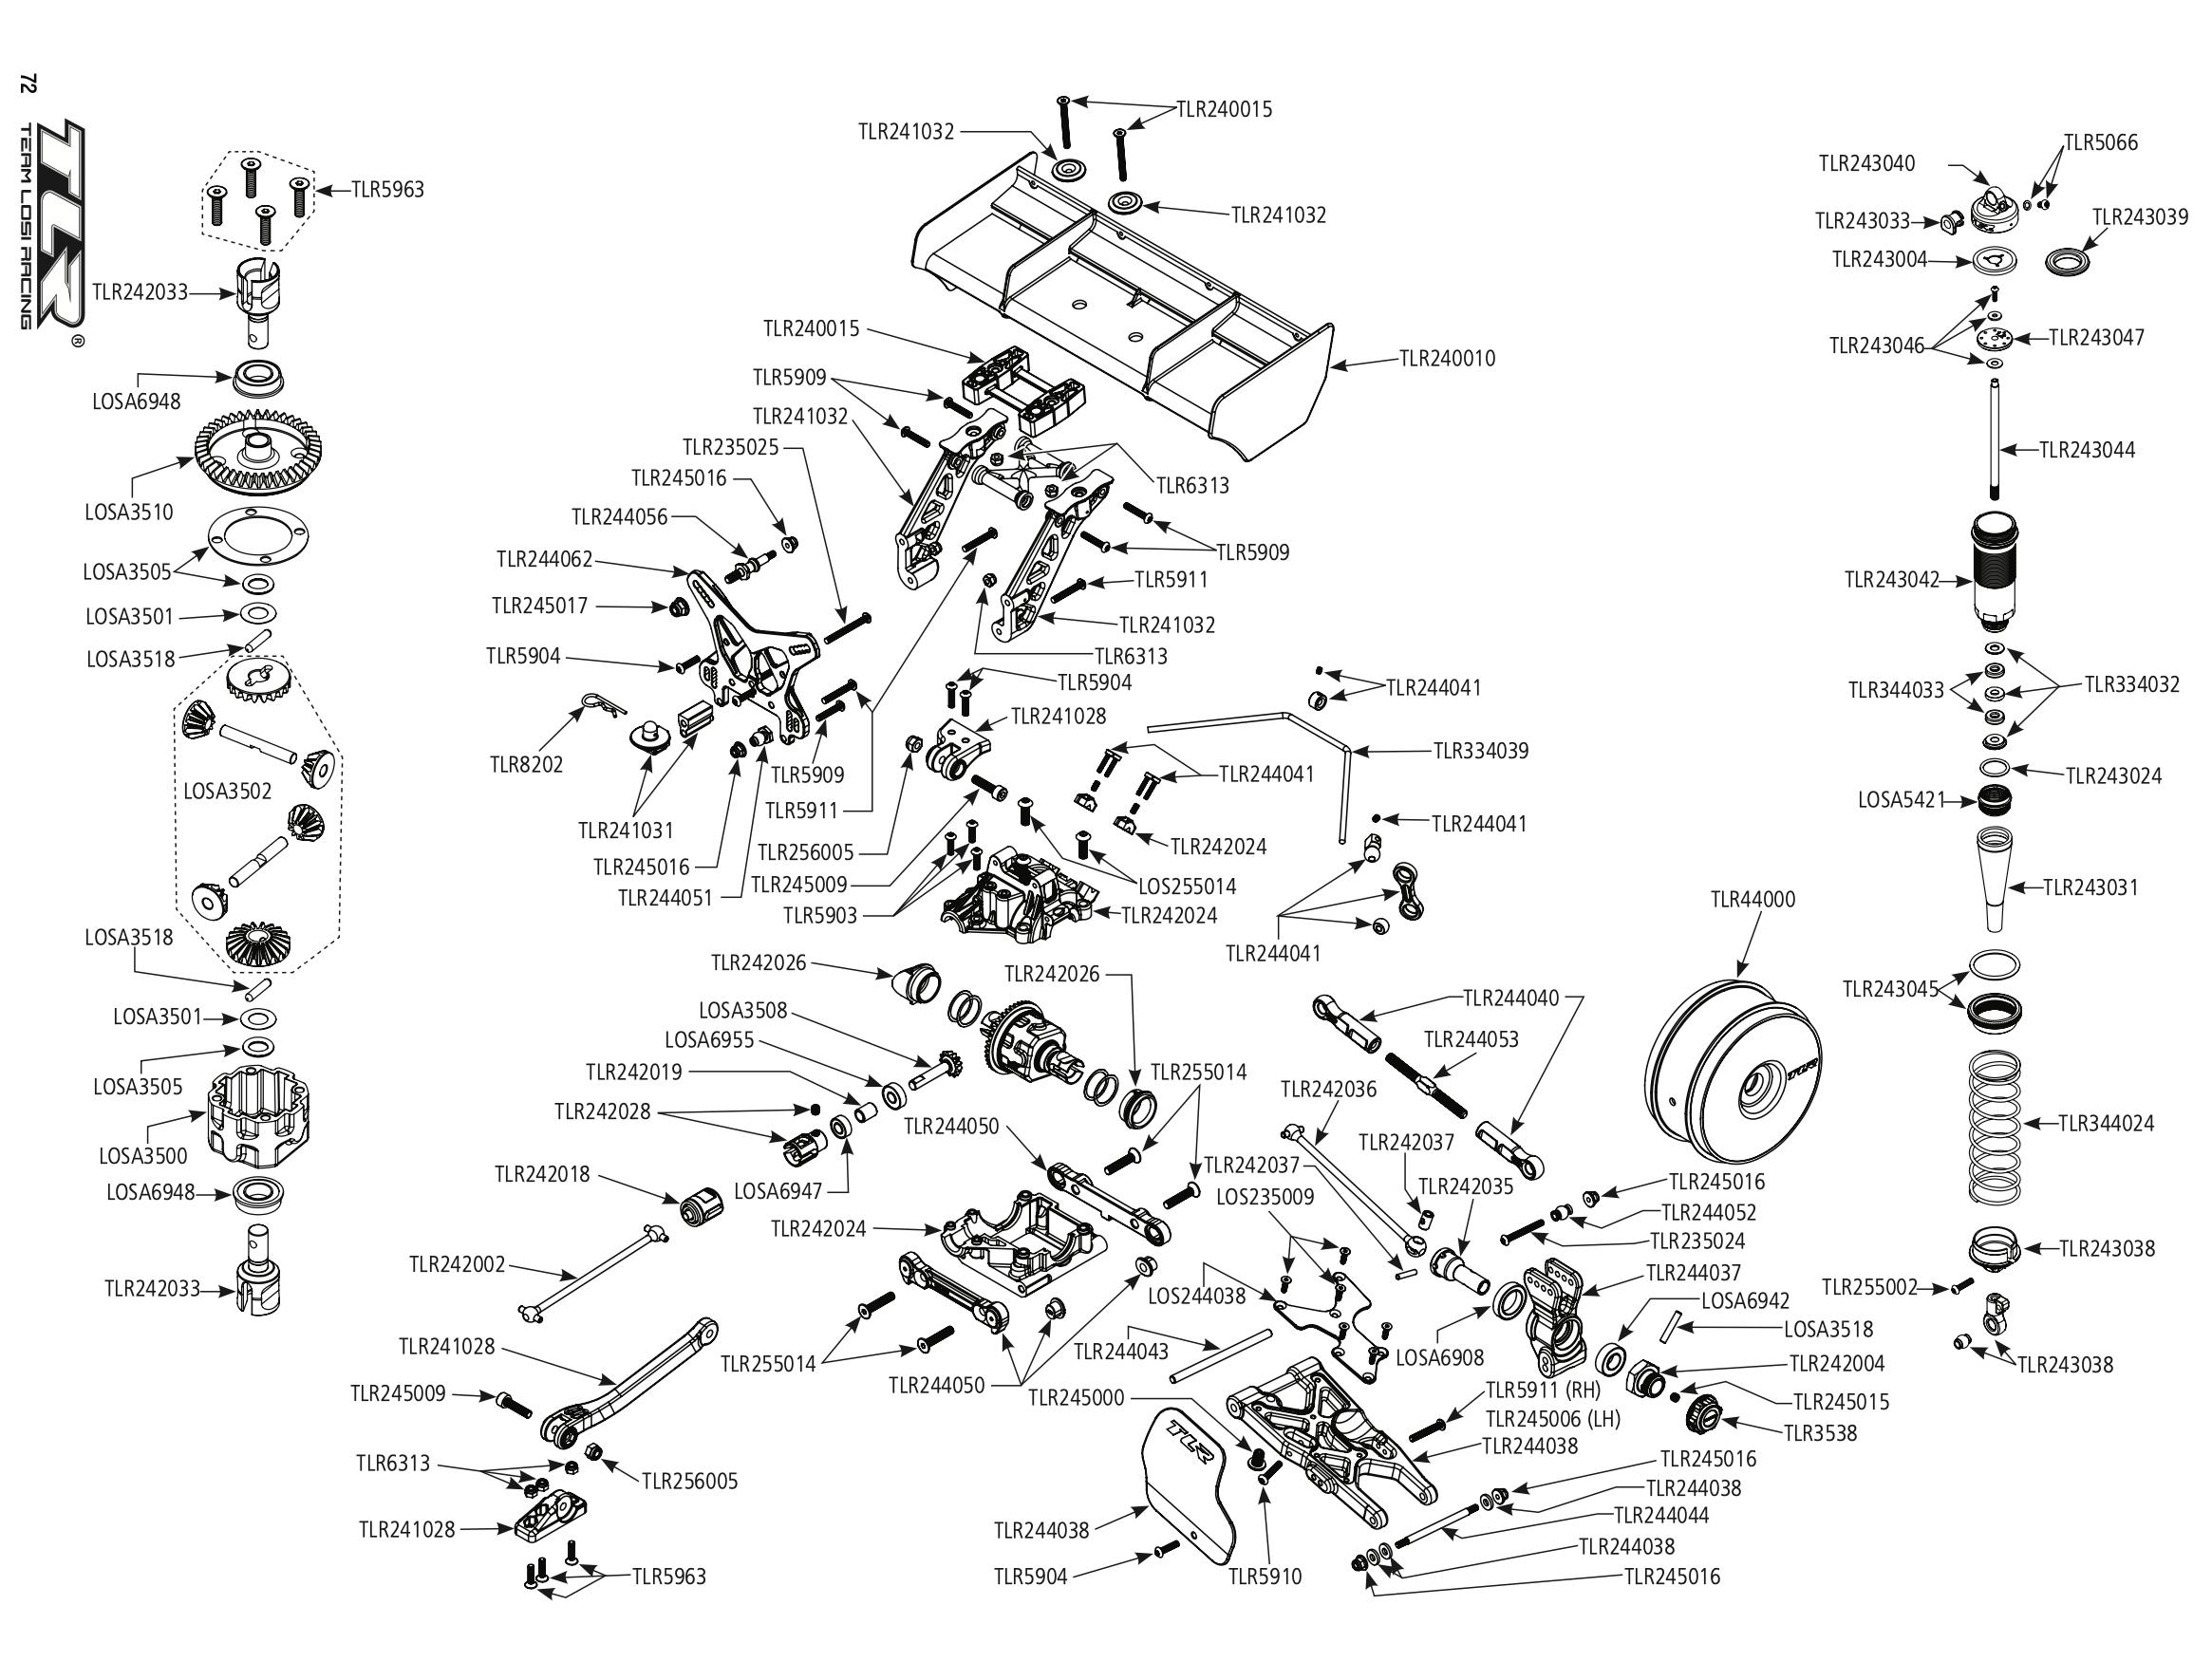 Vue éclatée, liste des pièces détachées TLR 8X